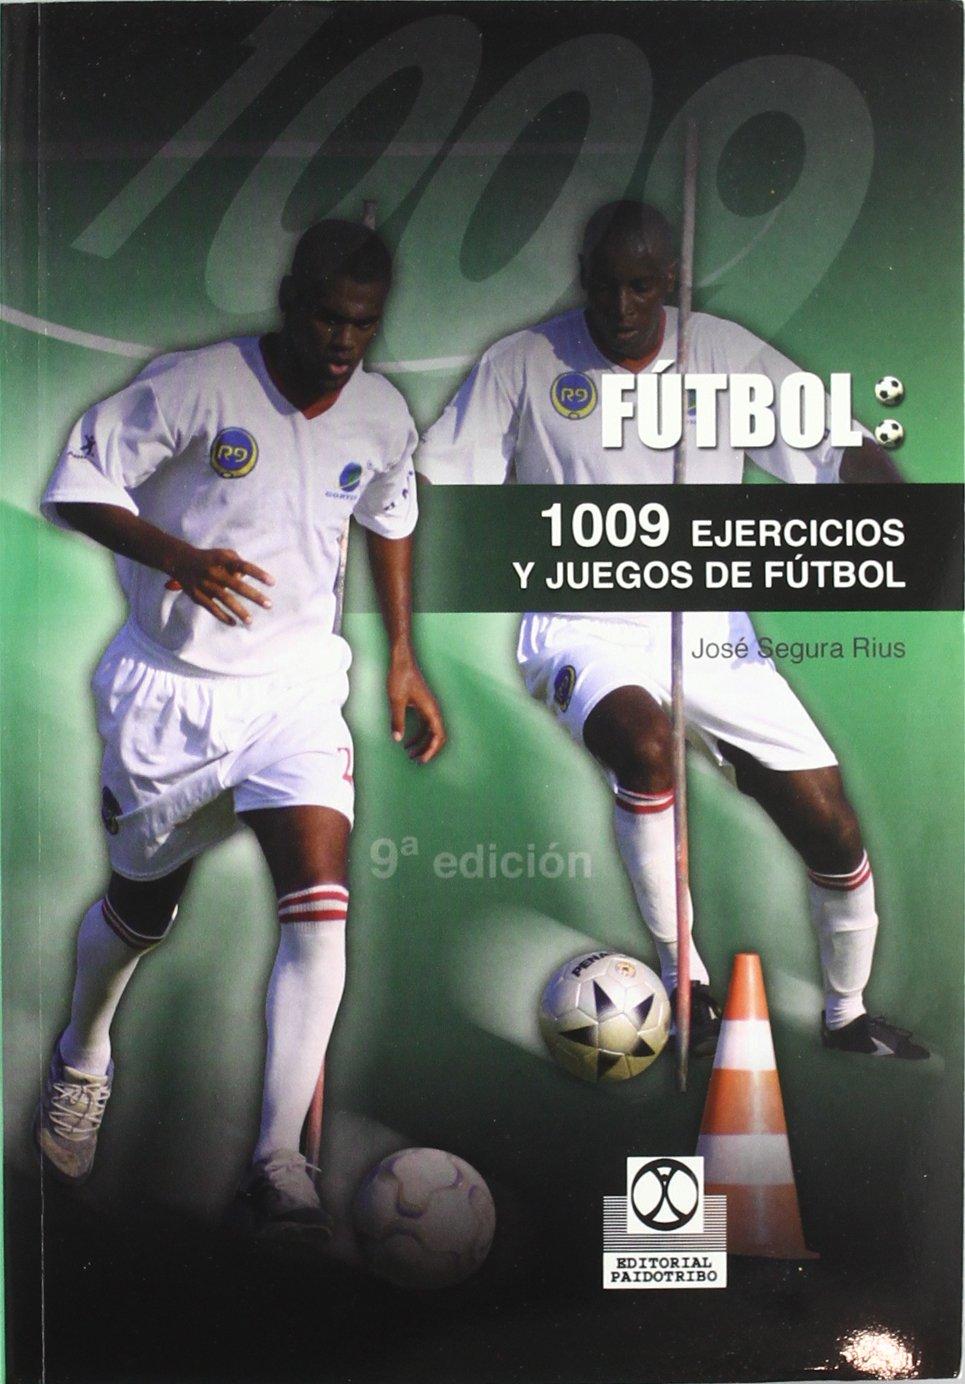 1009 Ejercicios y Juegos de Futbol (Deportes) Tapa blanda – 19 jun 2007 José Segura Rius Paidotribo 8486475279 349612